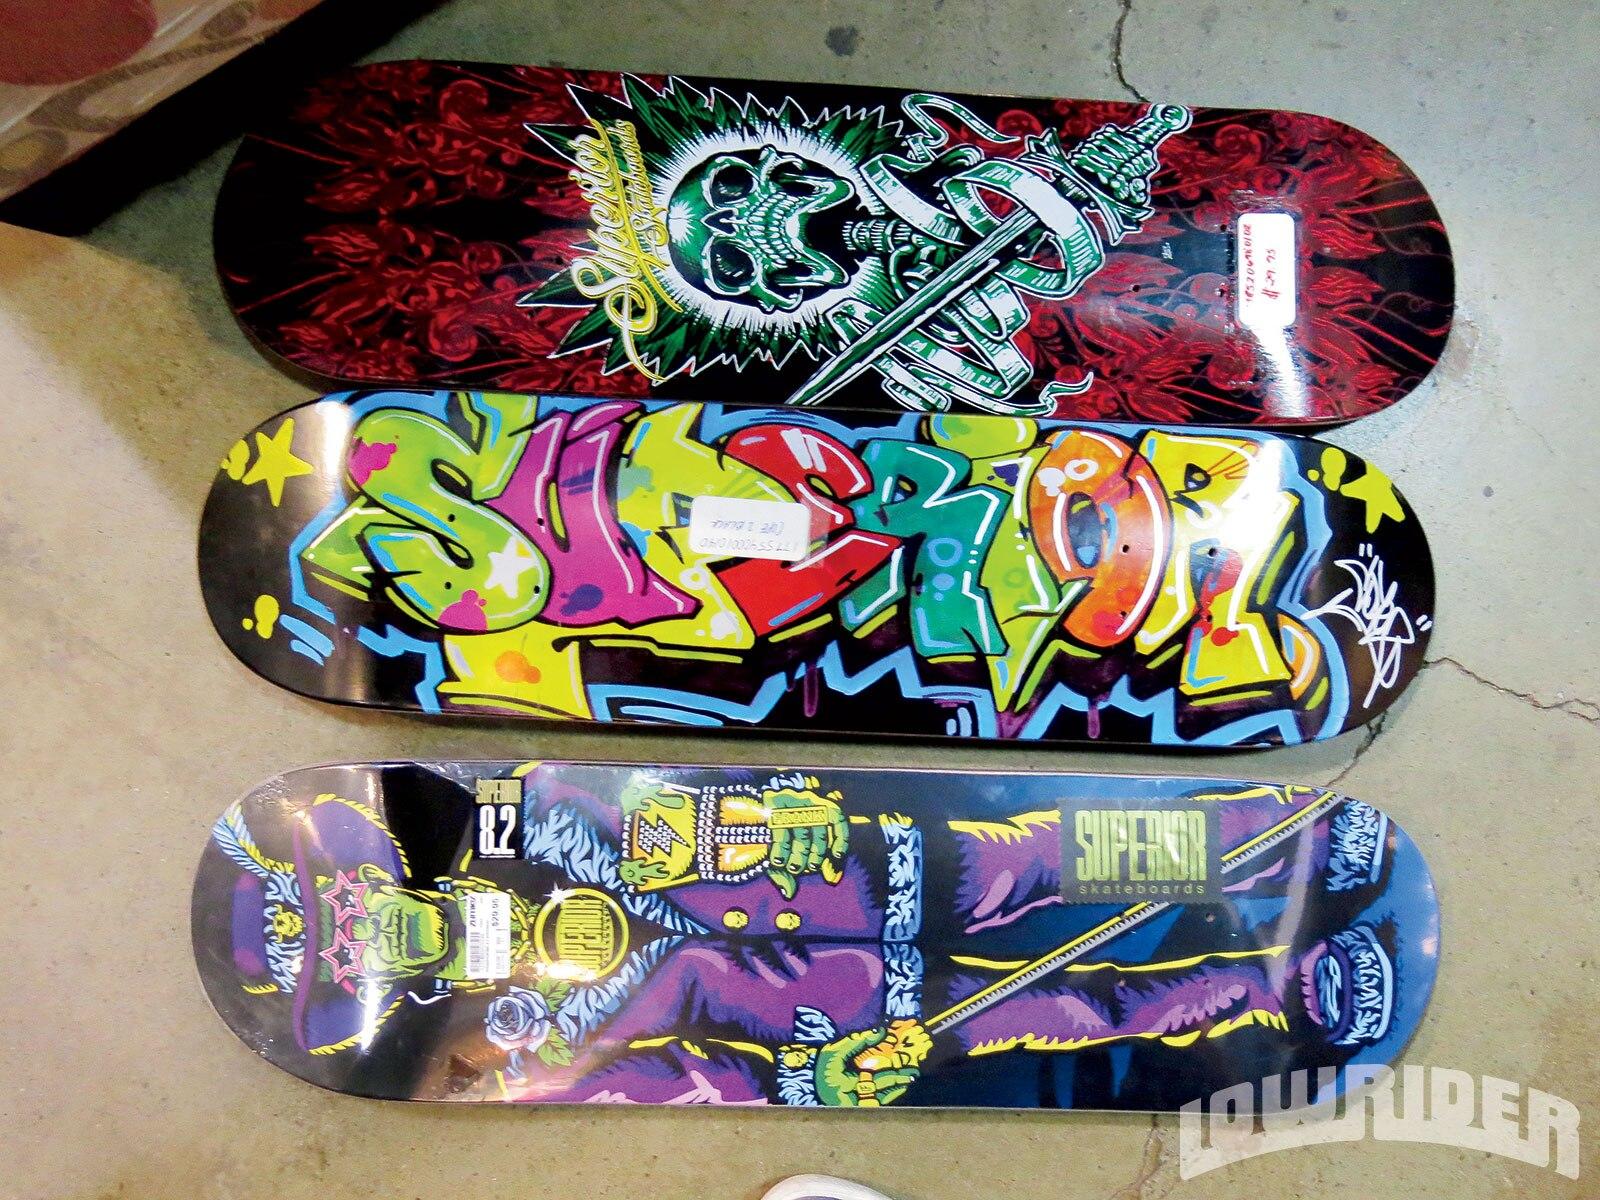 1307-the-art-of-skateboards-superior-skateboards